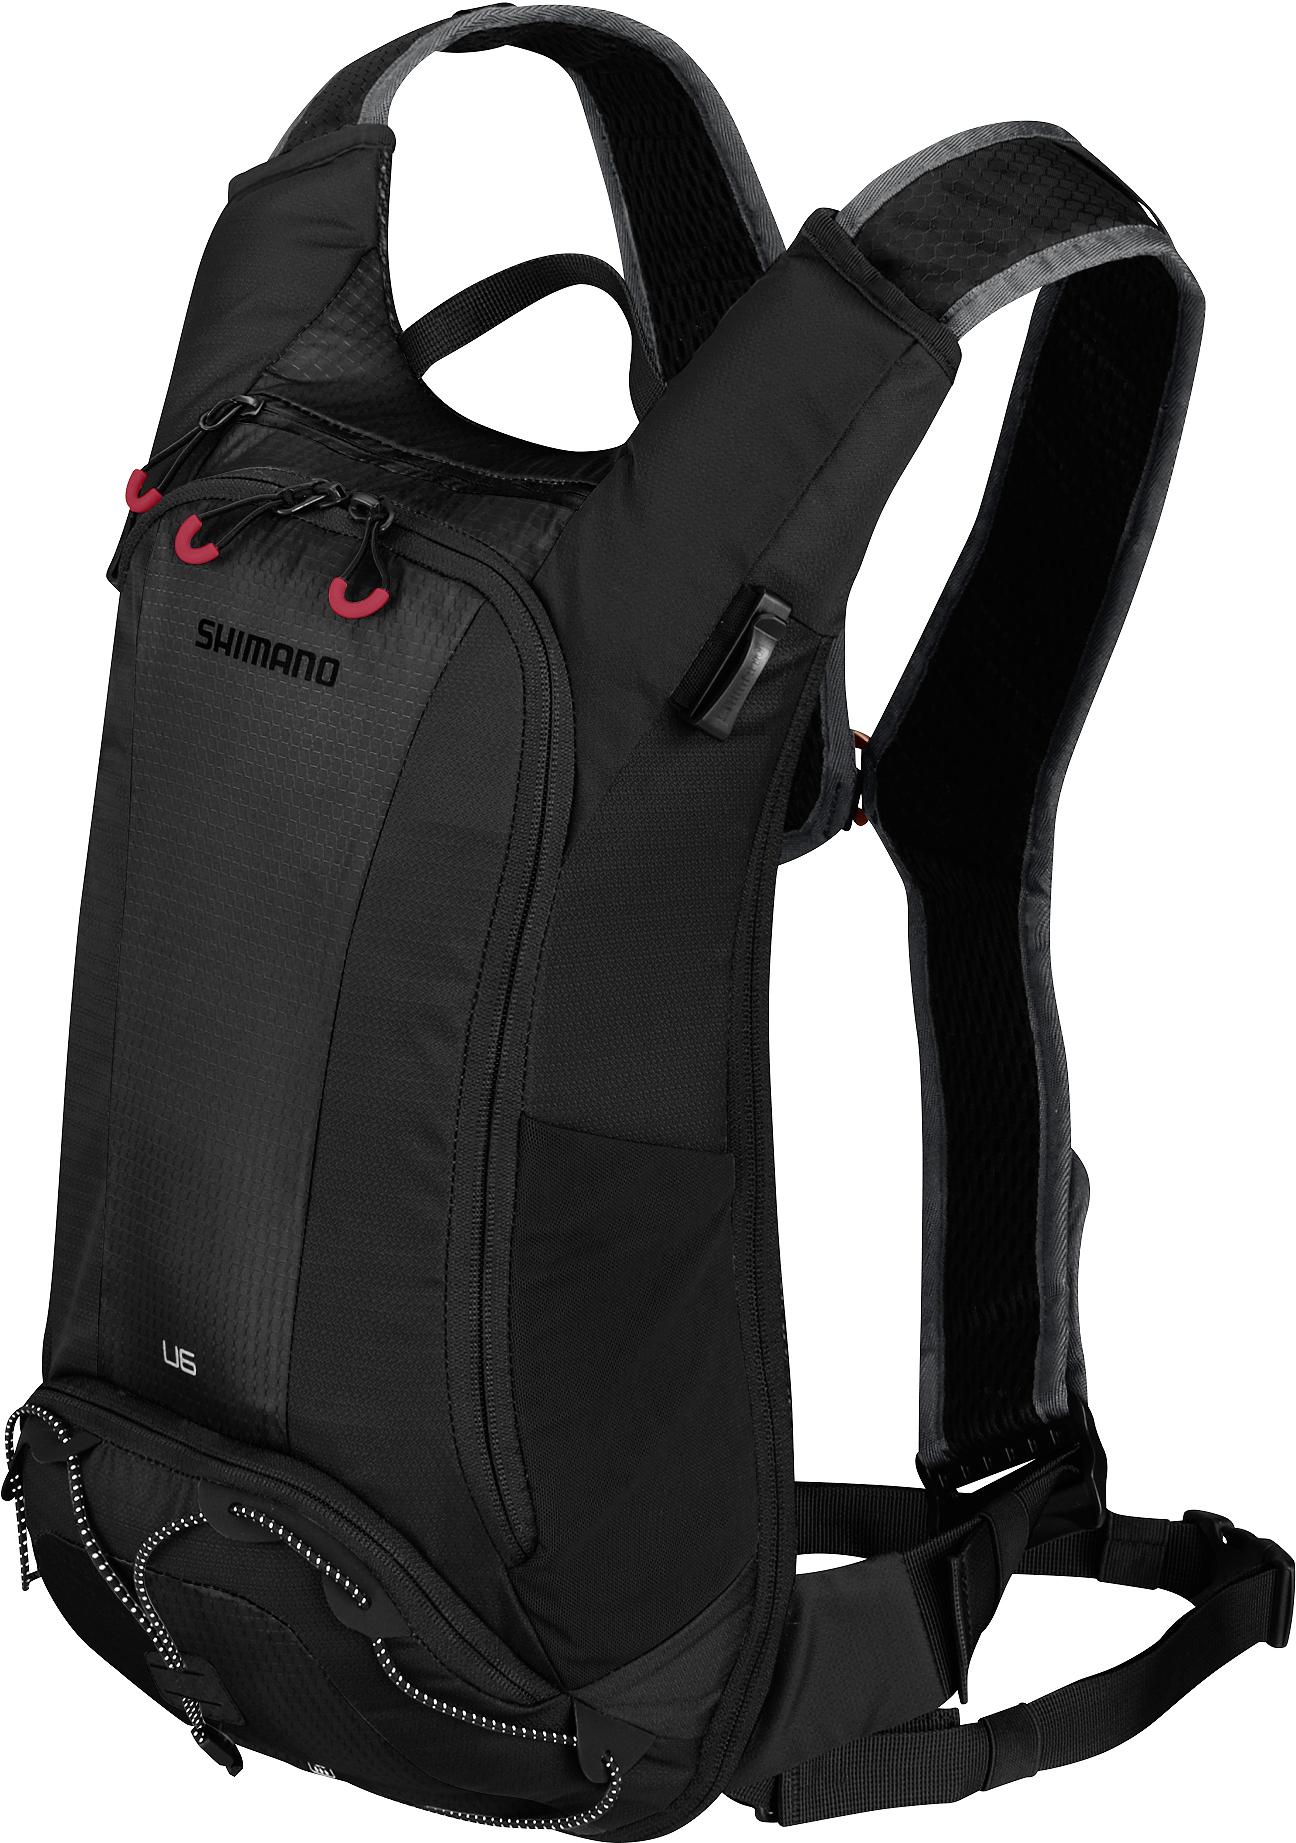 SHIMANO batoh UNZEN 6 s hydrapakem, černá